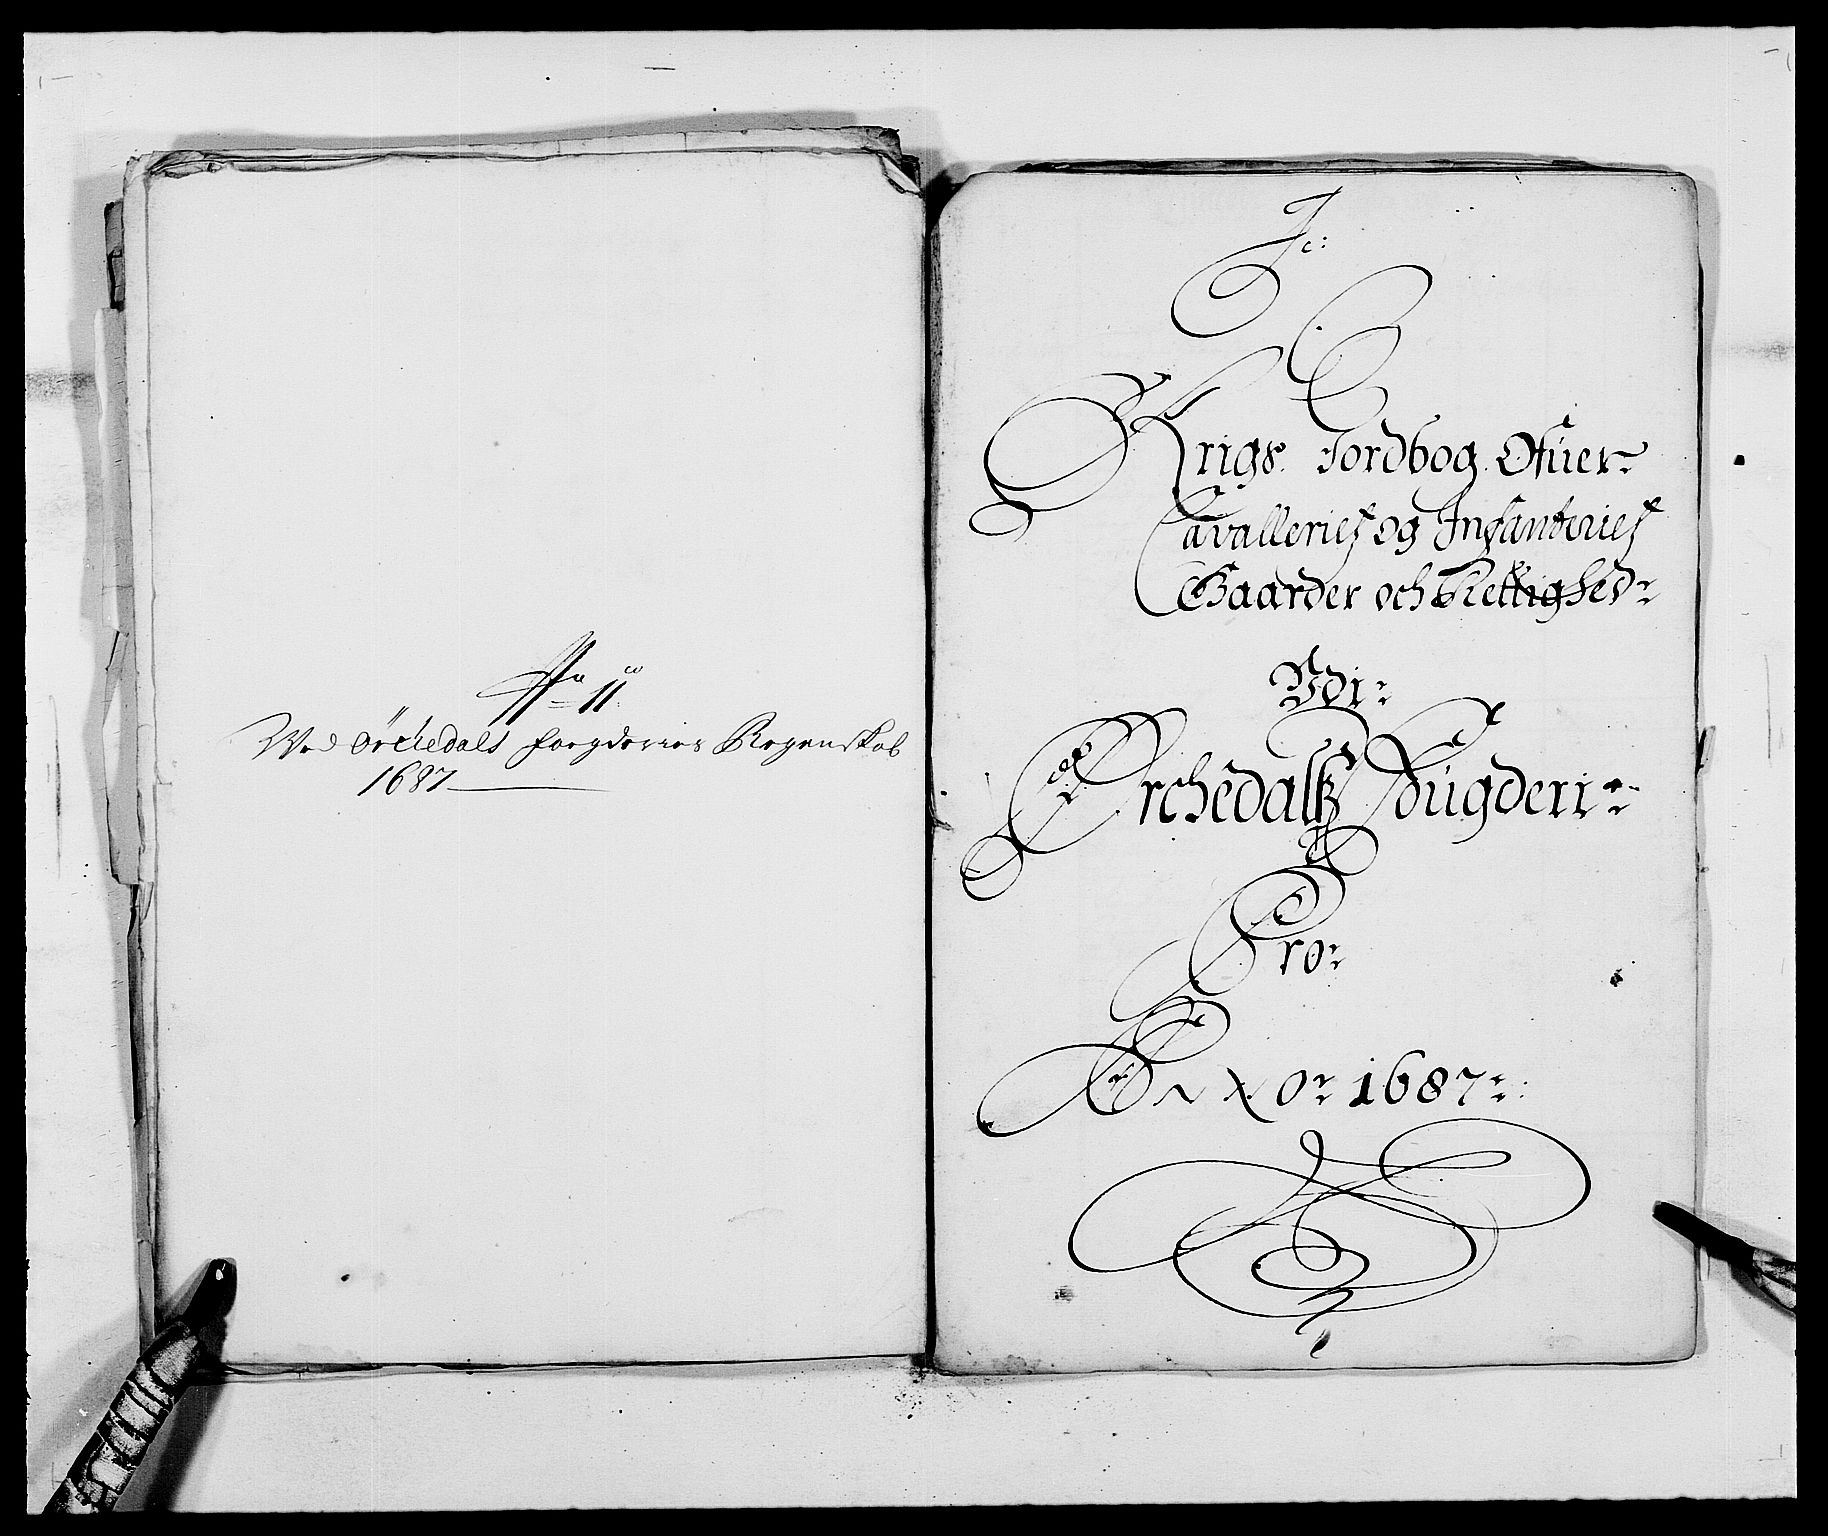 RA, Rentekammeret inntil 1814, Reviderte regnskaper, Fogderegnskap, R58/L3935: Fogderegnskap Orkdal, 1687-1688, s. 177